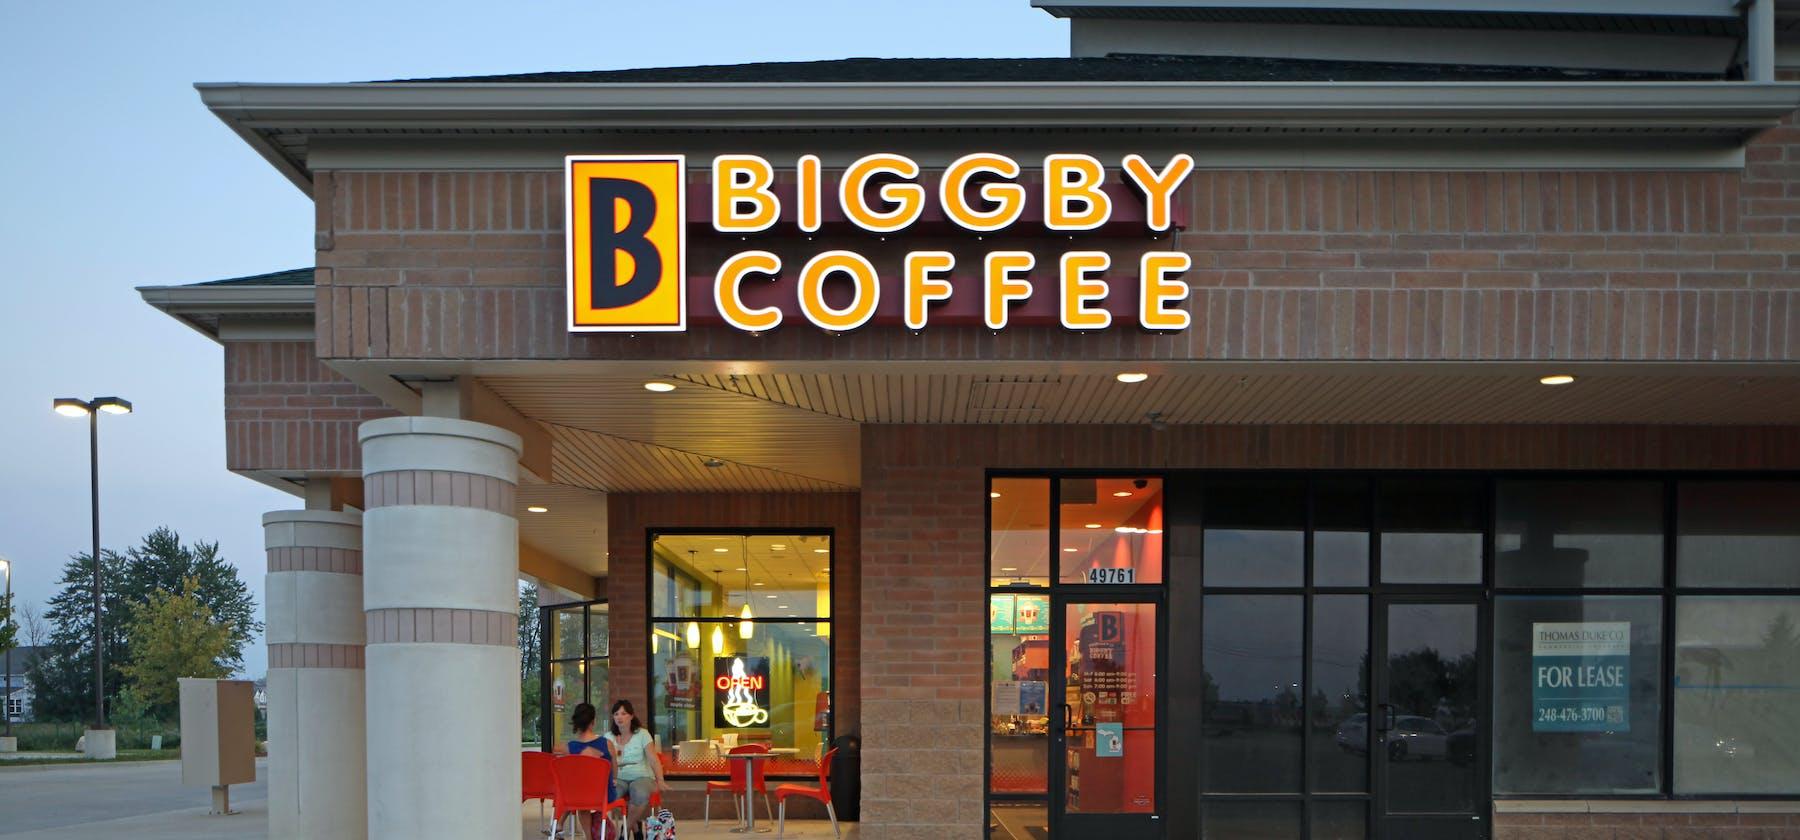 Biggby Coffee facade in Wixom, MI